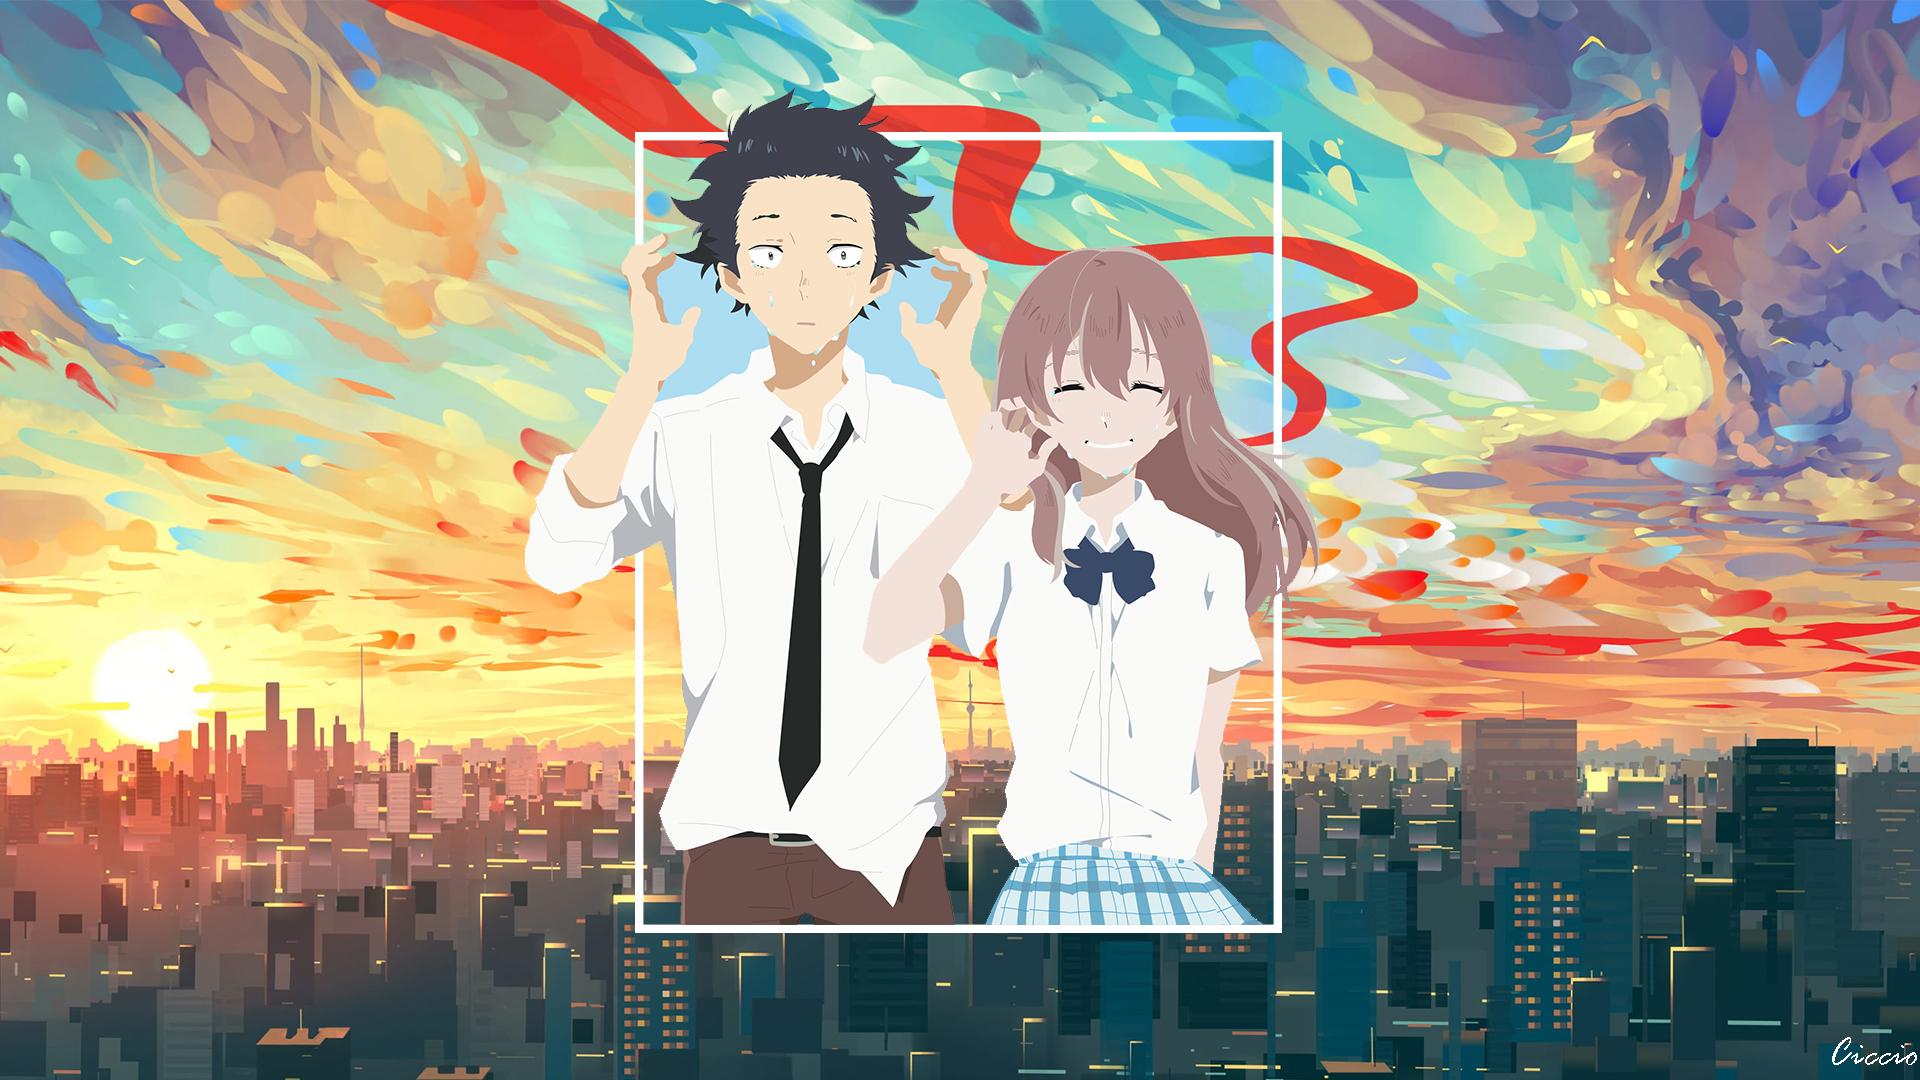 Wallpaper Koe No Katachi Anime 1920x1080 Mariokyo 1563047